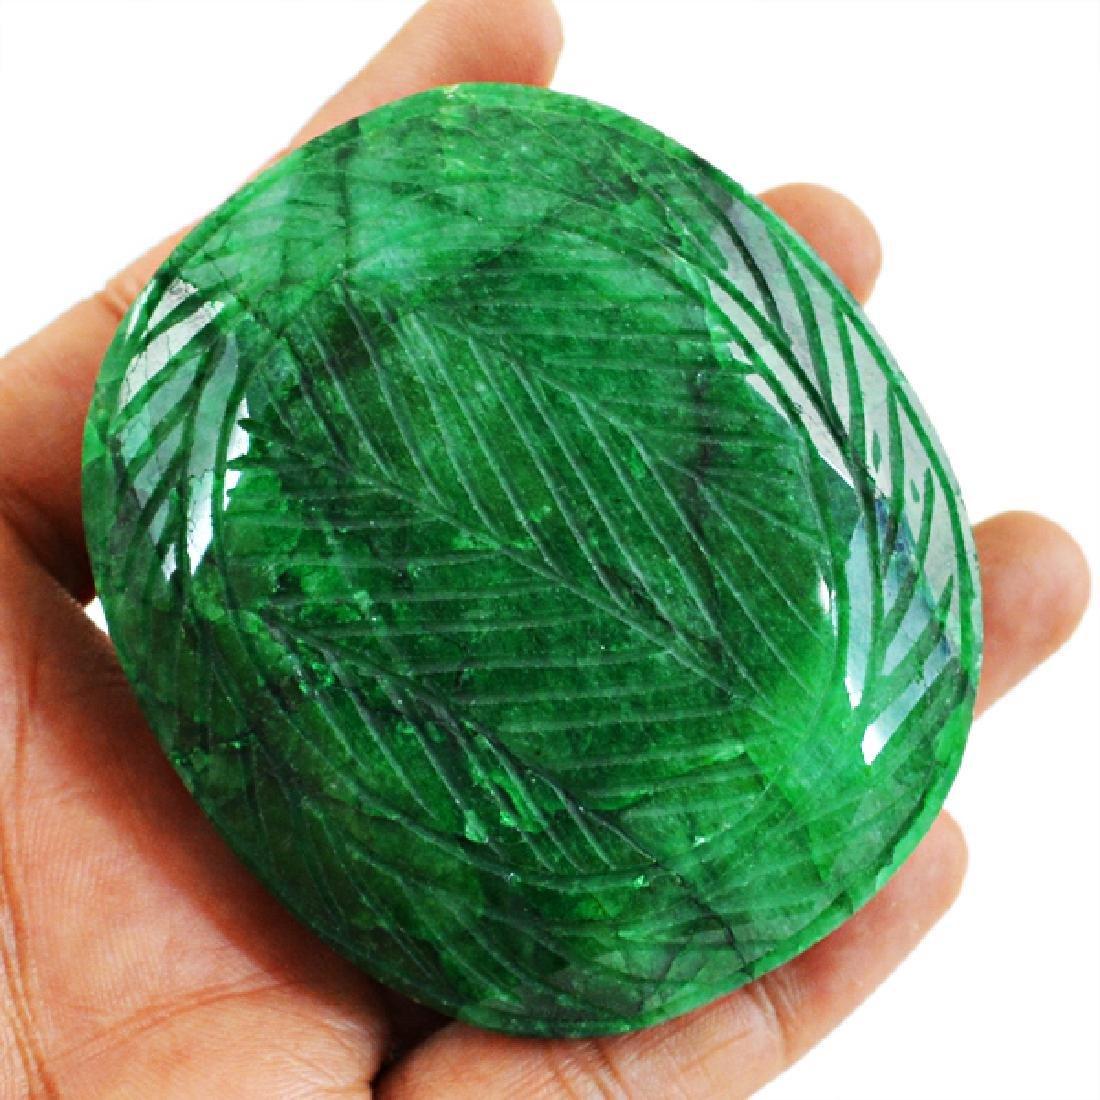 Green Emerald Carved Gem - 2